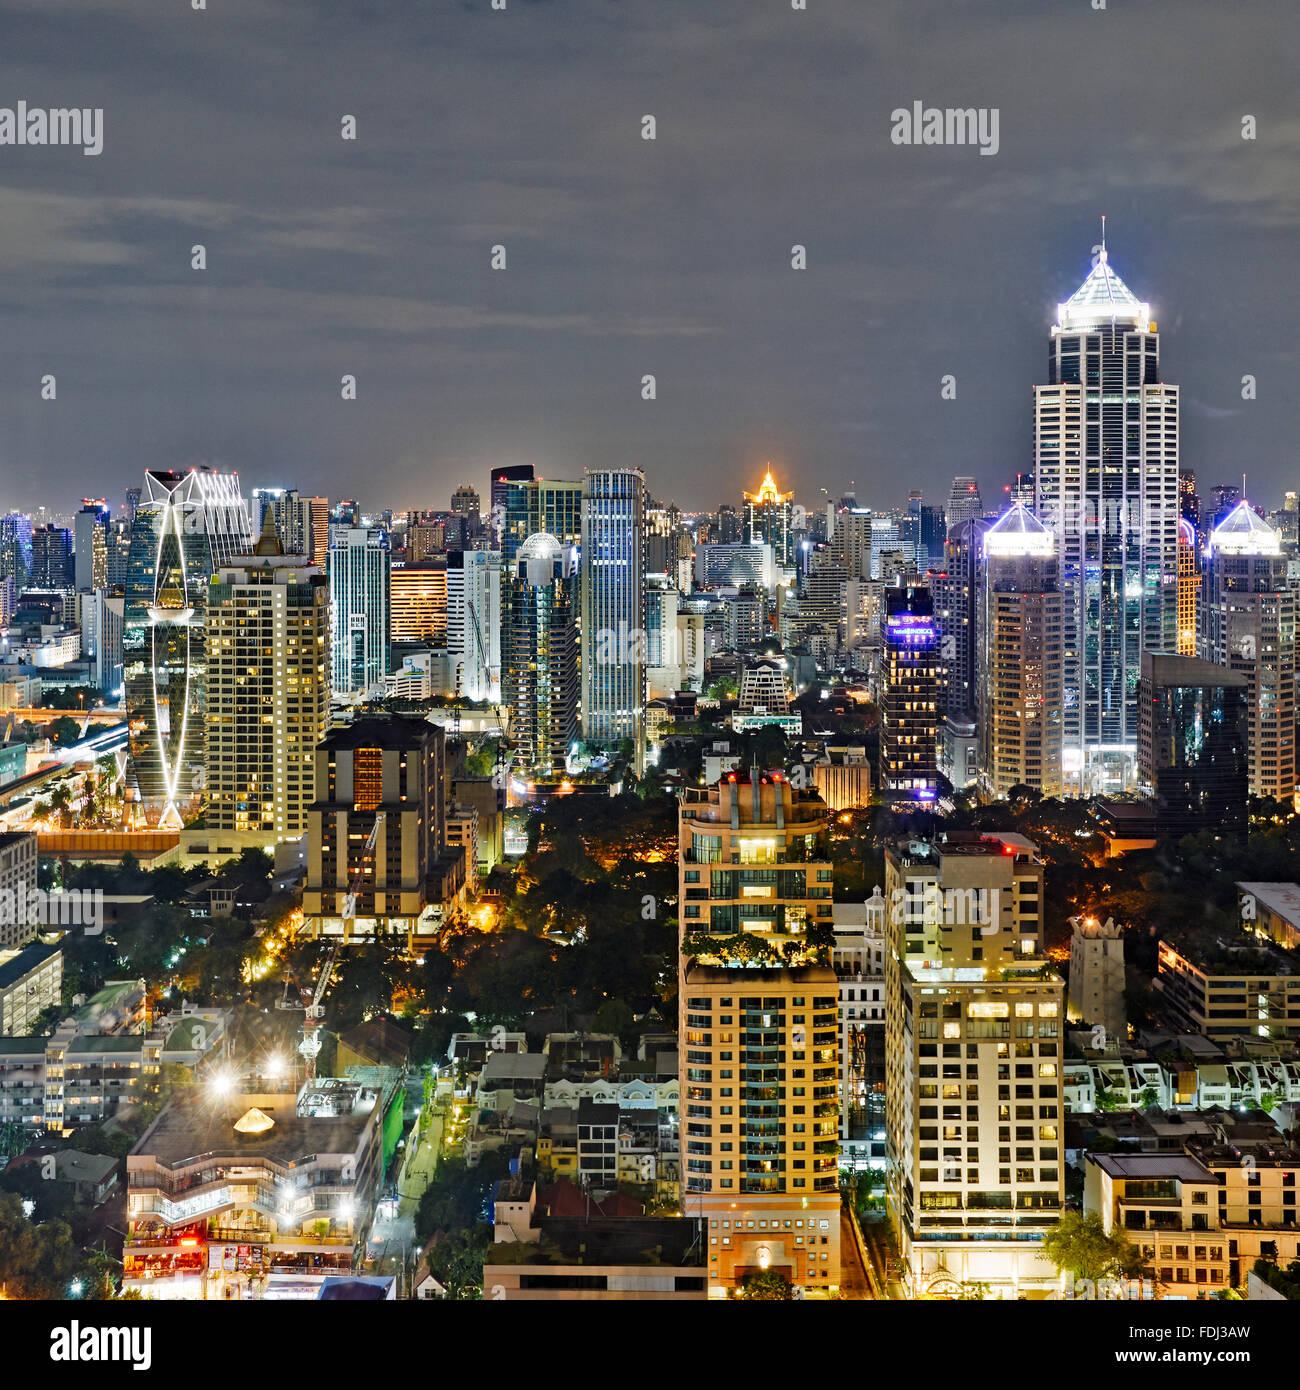 Elevada con vistas a la ciudad por la noche. Bangkok, Tailandia. Imagen De Stock